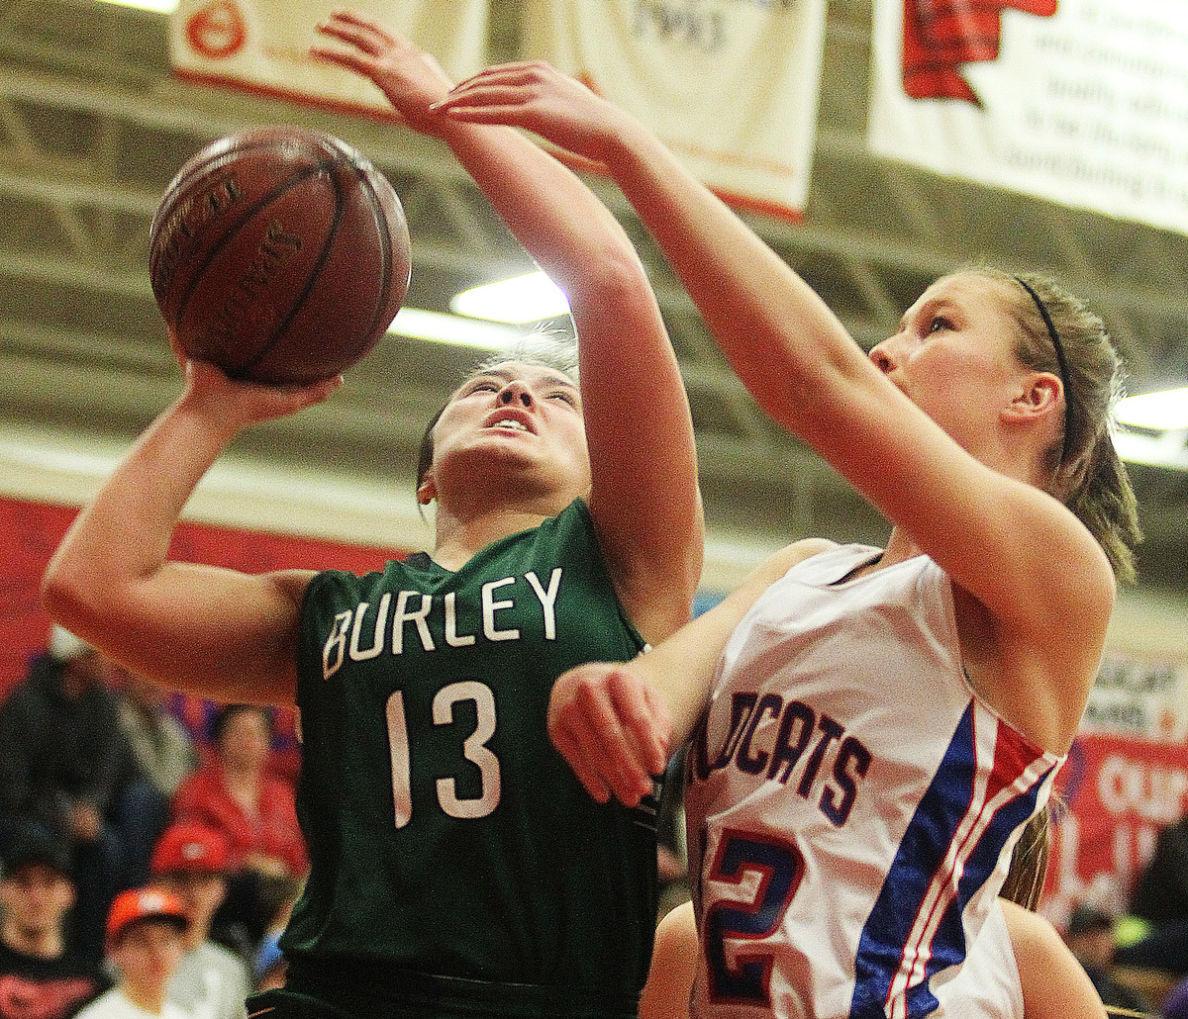 Filer Vs. Burley Girls Basketball